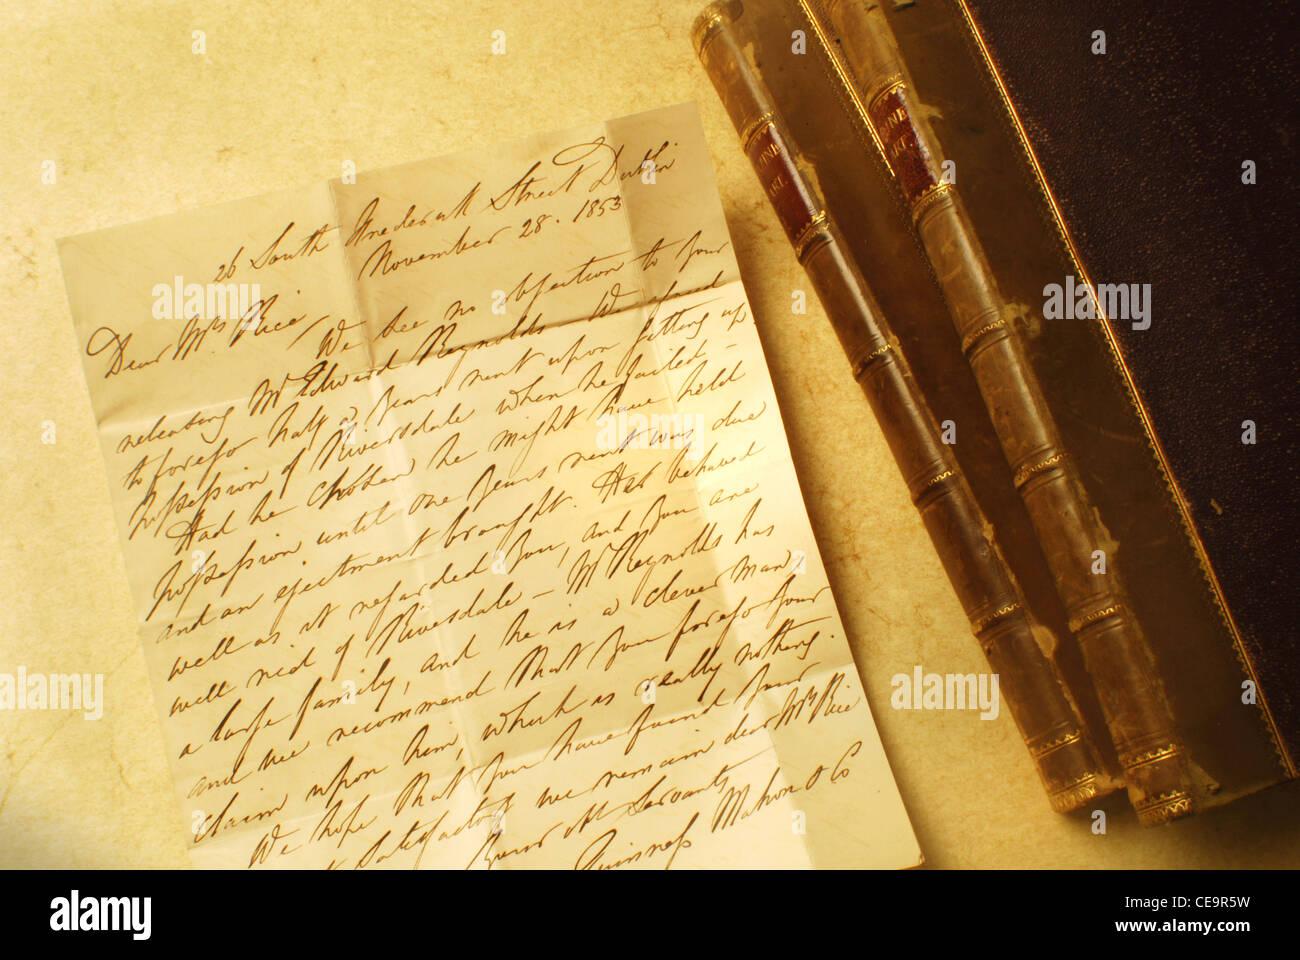 Vecchia lettera elegante calligrafia Immagini Stock